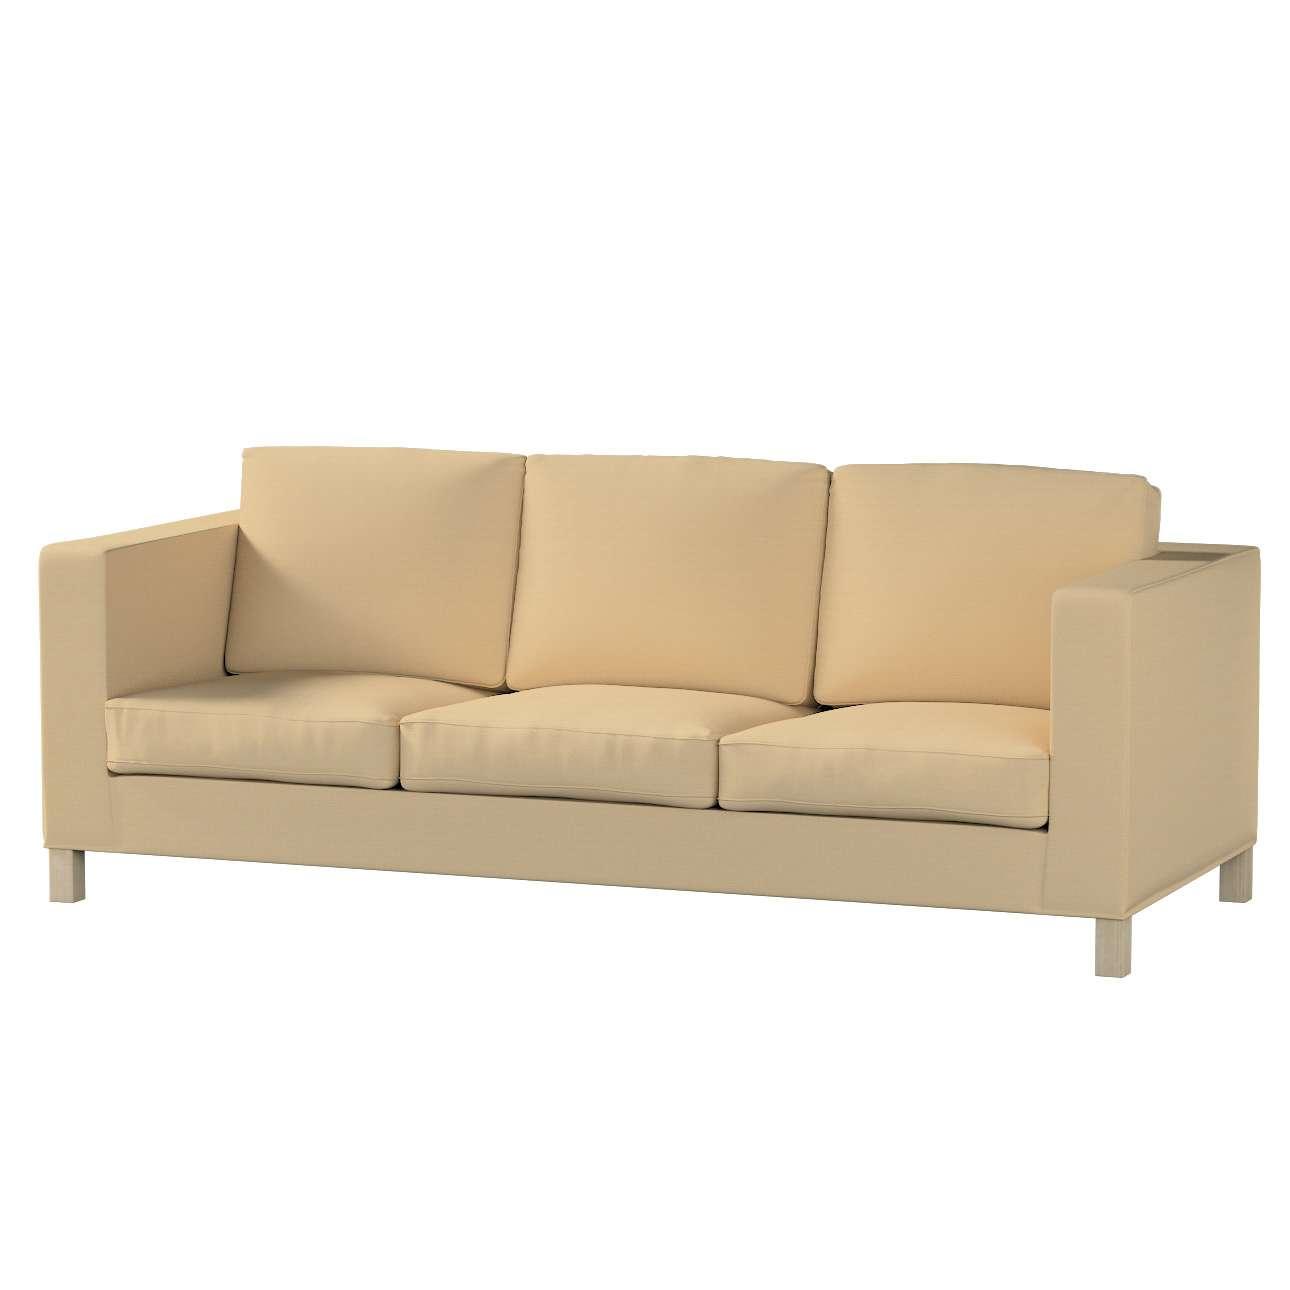 Potah na pohovku IKEA  Karlanda 3-místná nerozkládací, krátký pohovka Karlanda 3-os v kolekci Cotton Panama, látka: 702-01